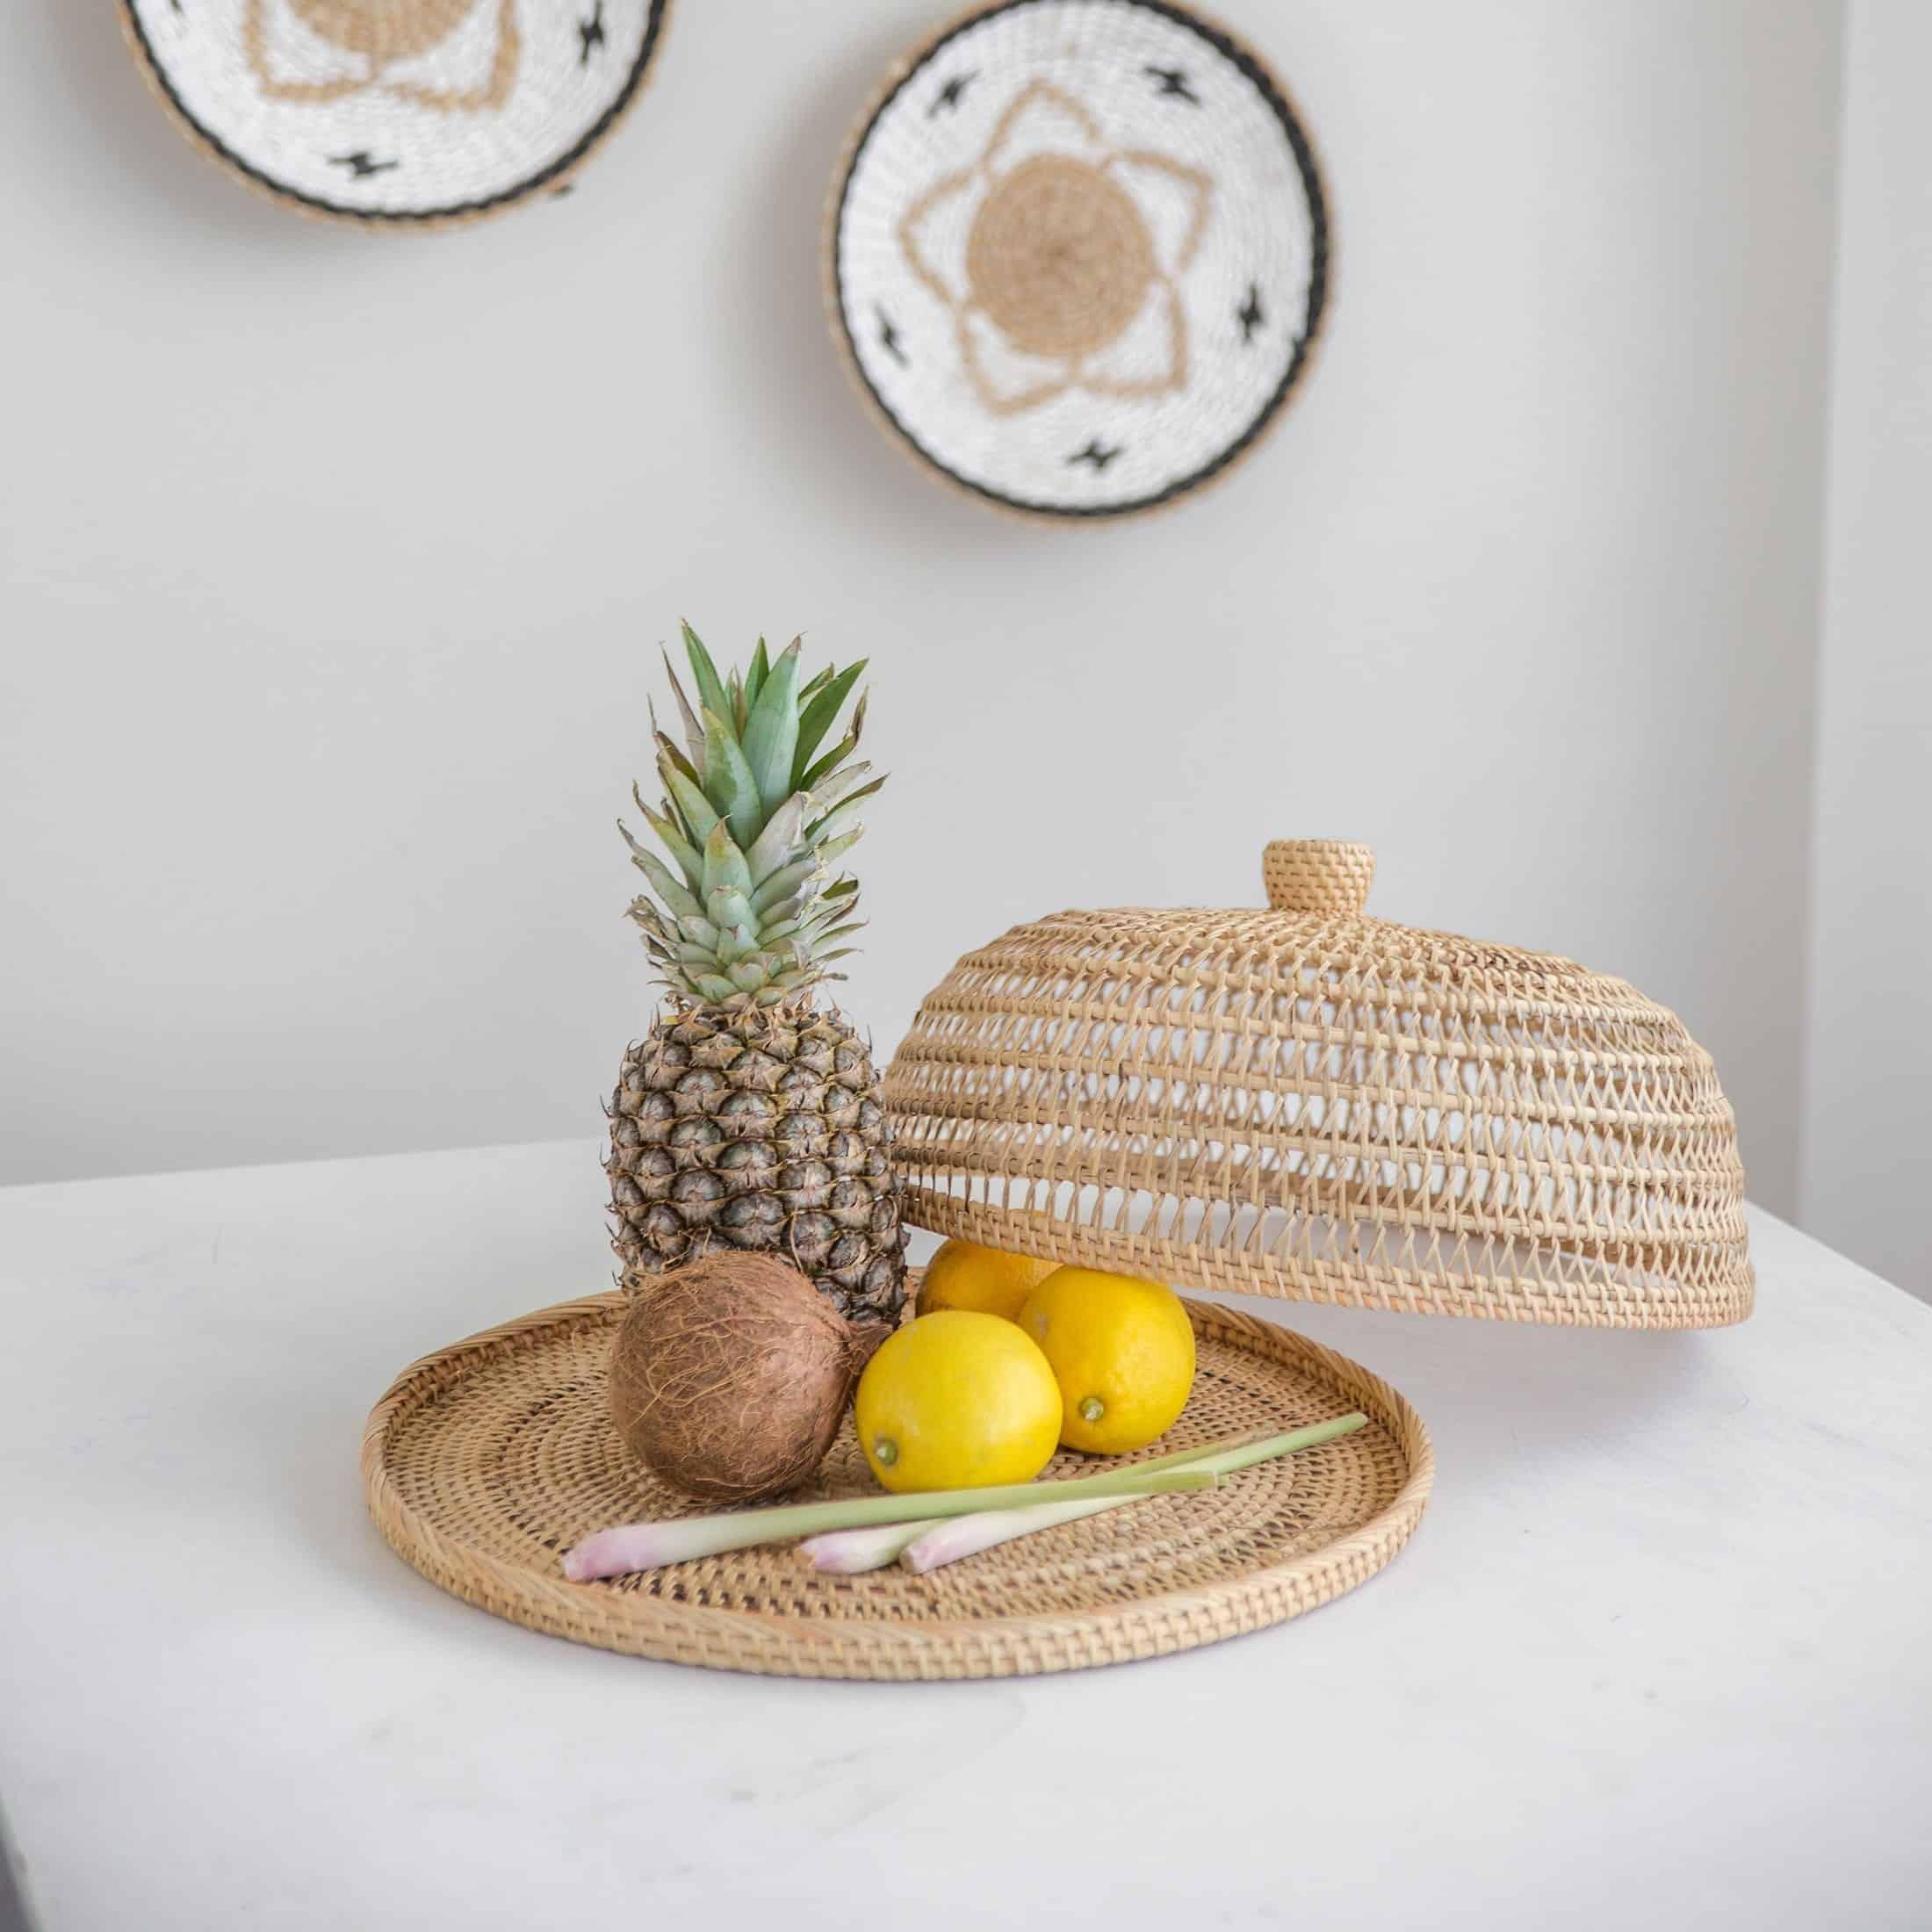 Glosche aus Rattan im natürlichen und maritimen Look für Obst, Käse und Kuchen. Entdecken Sie die geflochtenen Hauben für die Tischdekoration